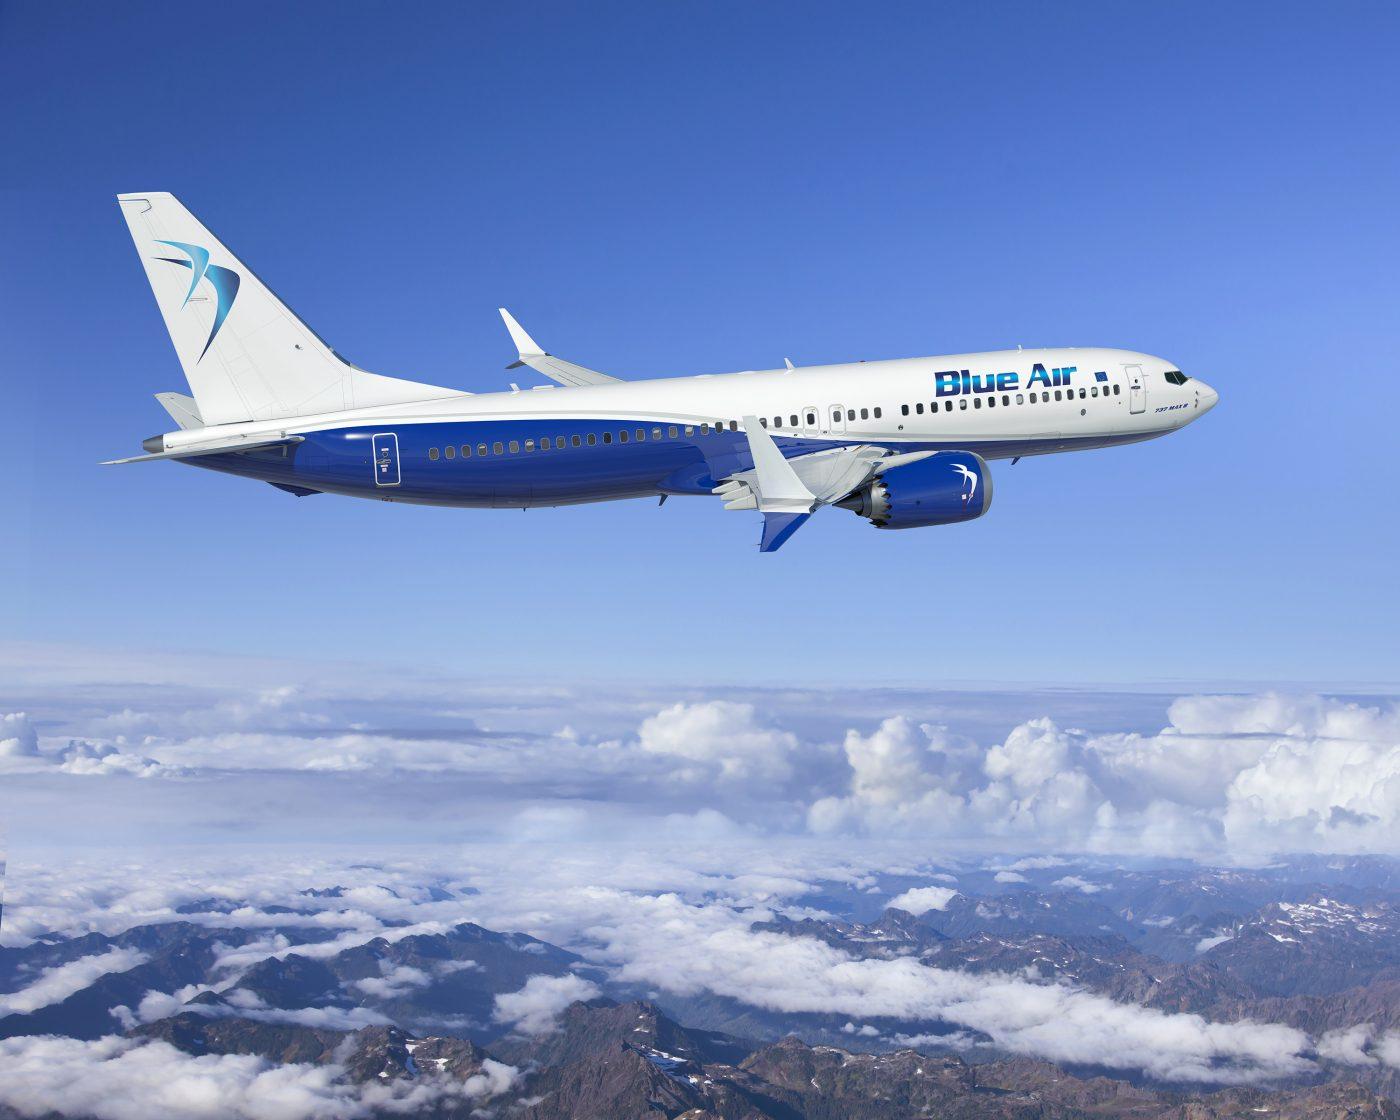 Zboruri Blue Air, martie – aprilie, de la 9,99 EUR/sens